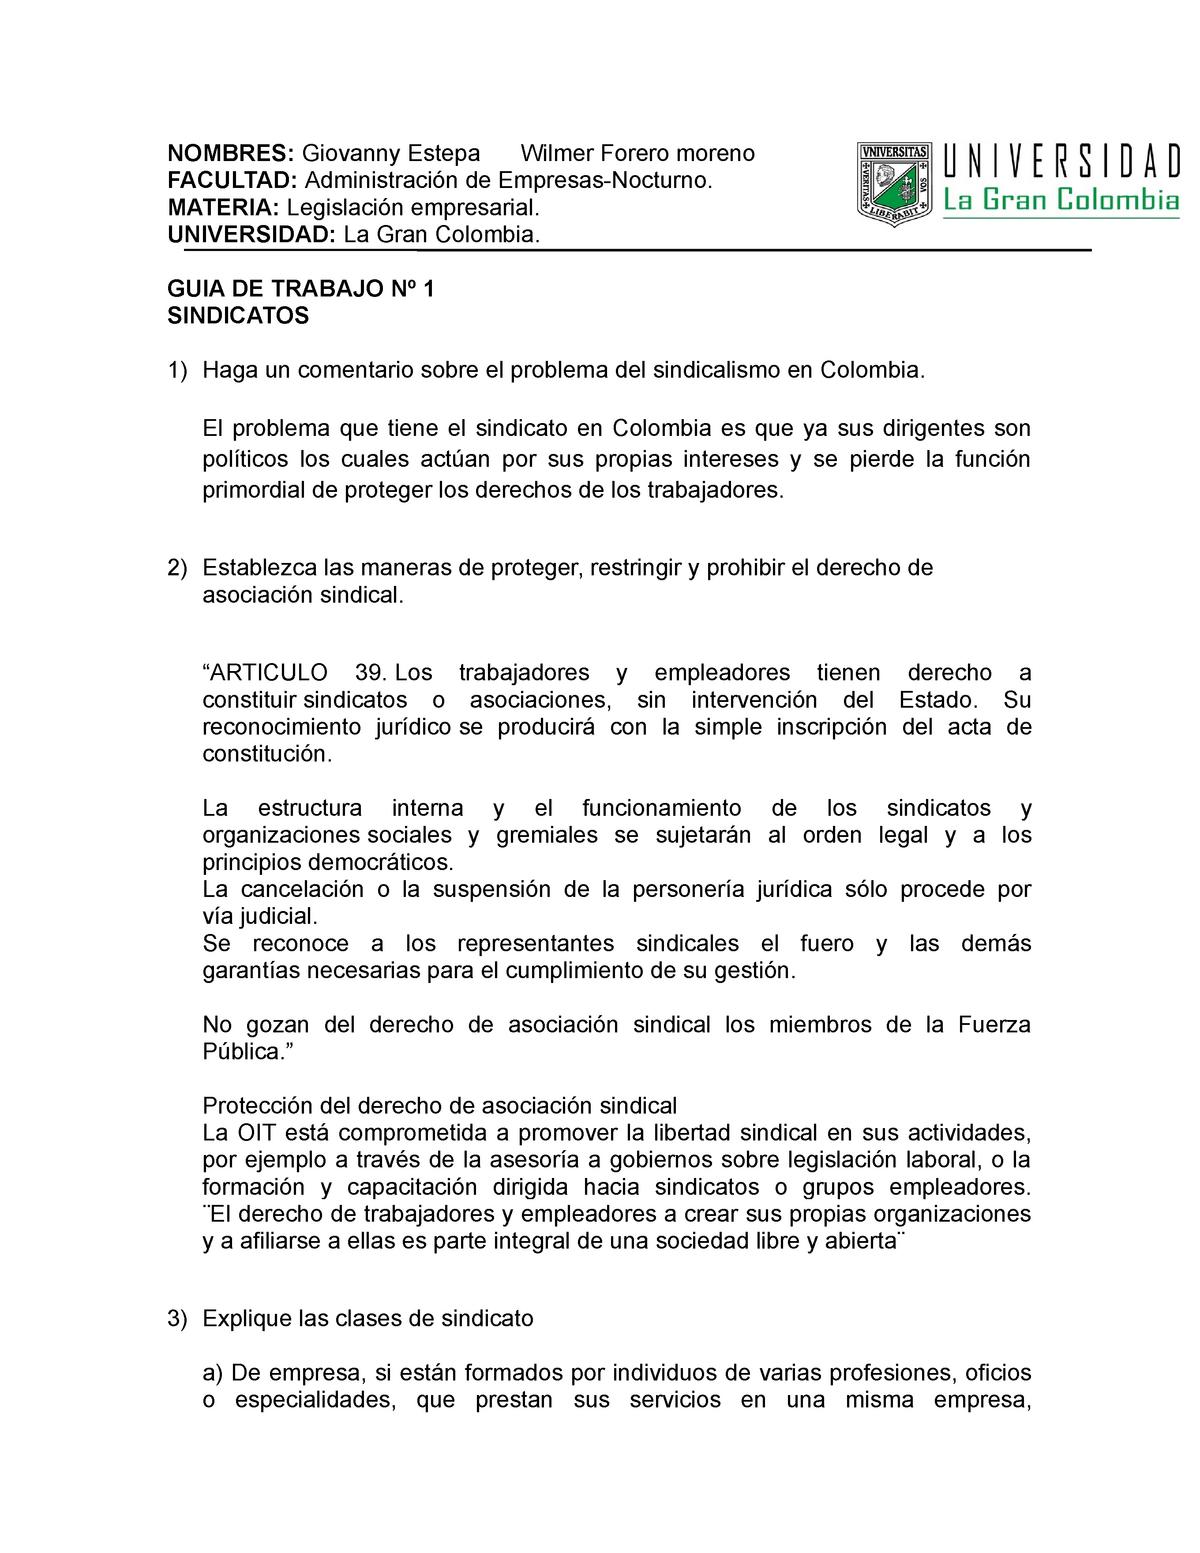 Guia 1 Sindicatos Legislación Empresarial Ugc Studocu